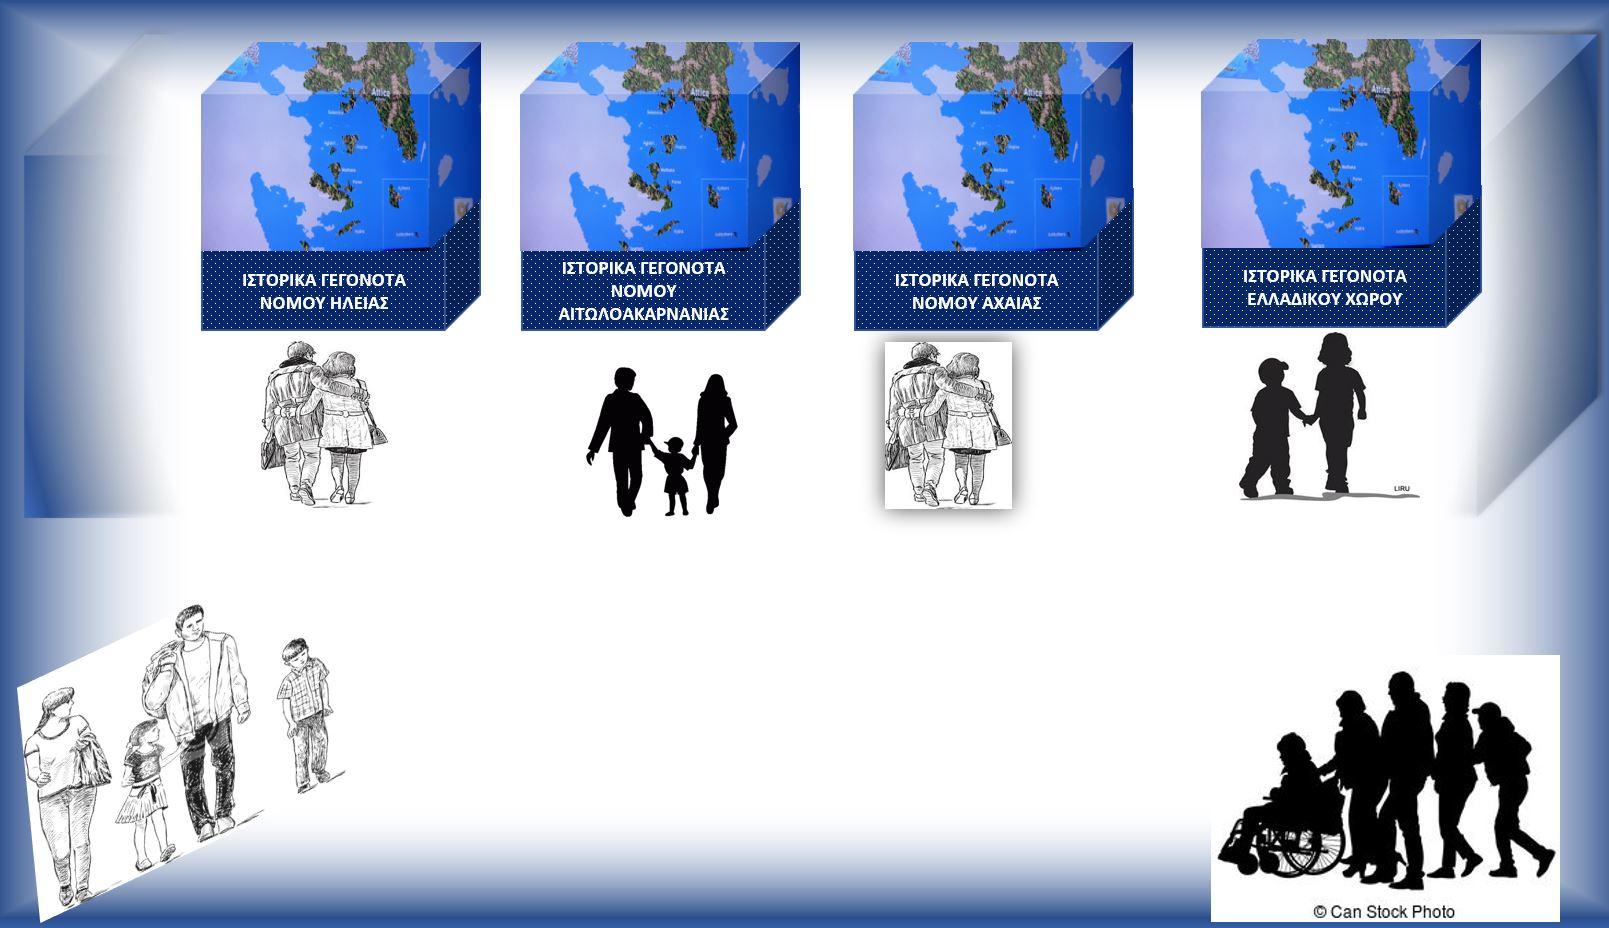 ΠΔΕ: Ψηφιακό Θεματικό Πάρκο και σύγχρονες εφαρμογές για την ανάδειξη της ιστορικής και πολιτισμικής ταυτότητας της Δυτικής Ελλάδας